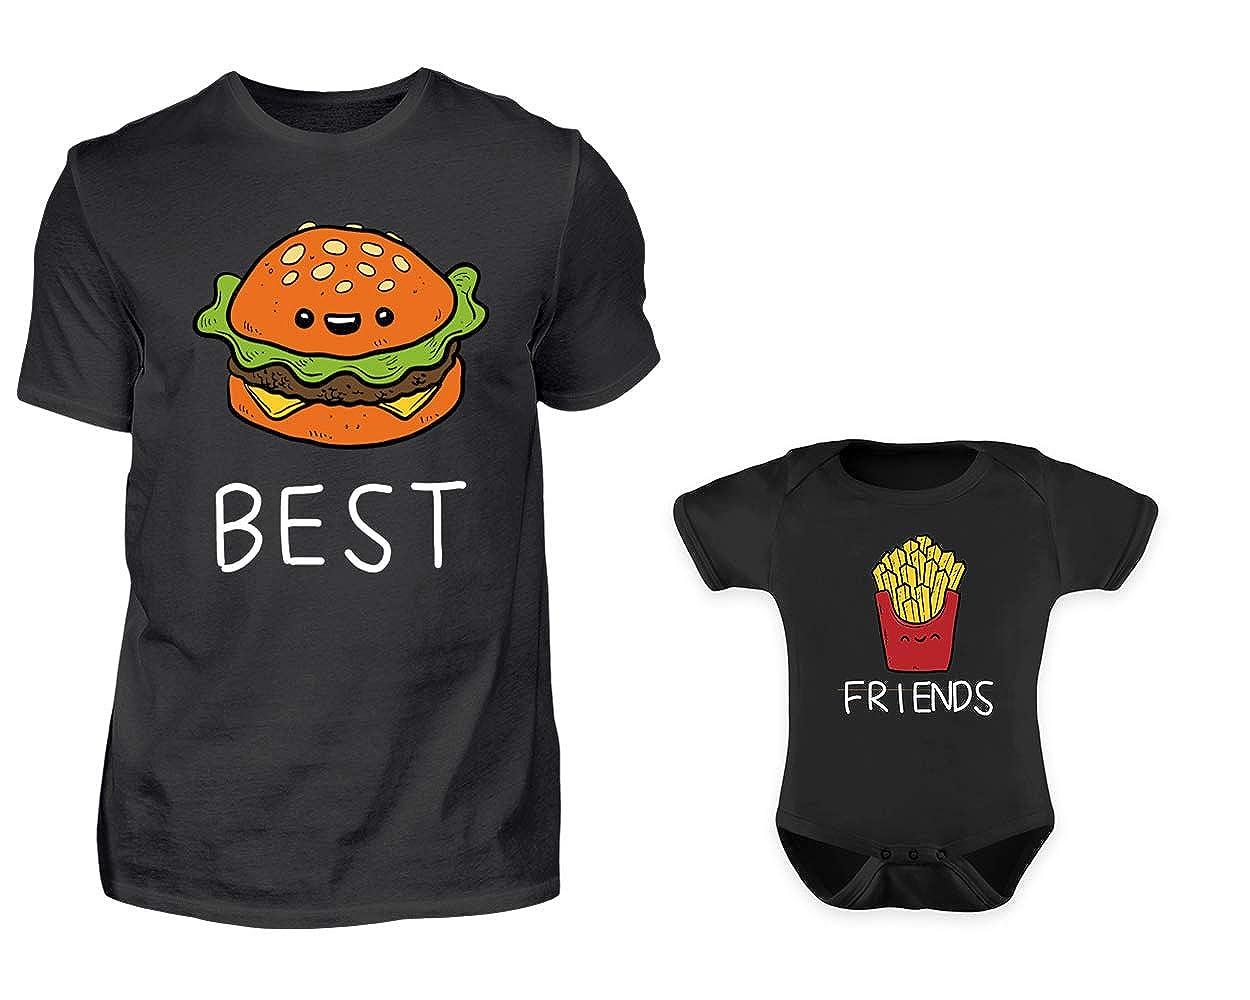 Vater Baby Partnerlook Tshirt Baby Body Strampler Set Best Friends Burger Und Pommes Rundhals Papa Kind Partner Look Für Herren Und Jungs Oder Mädchen